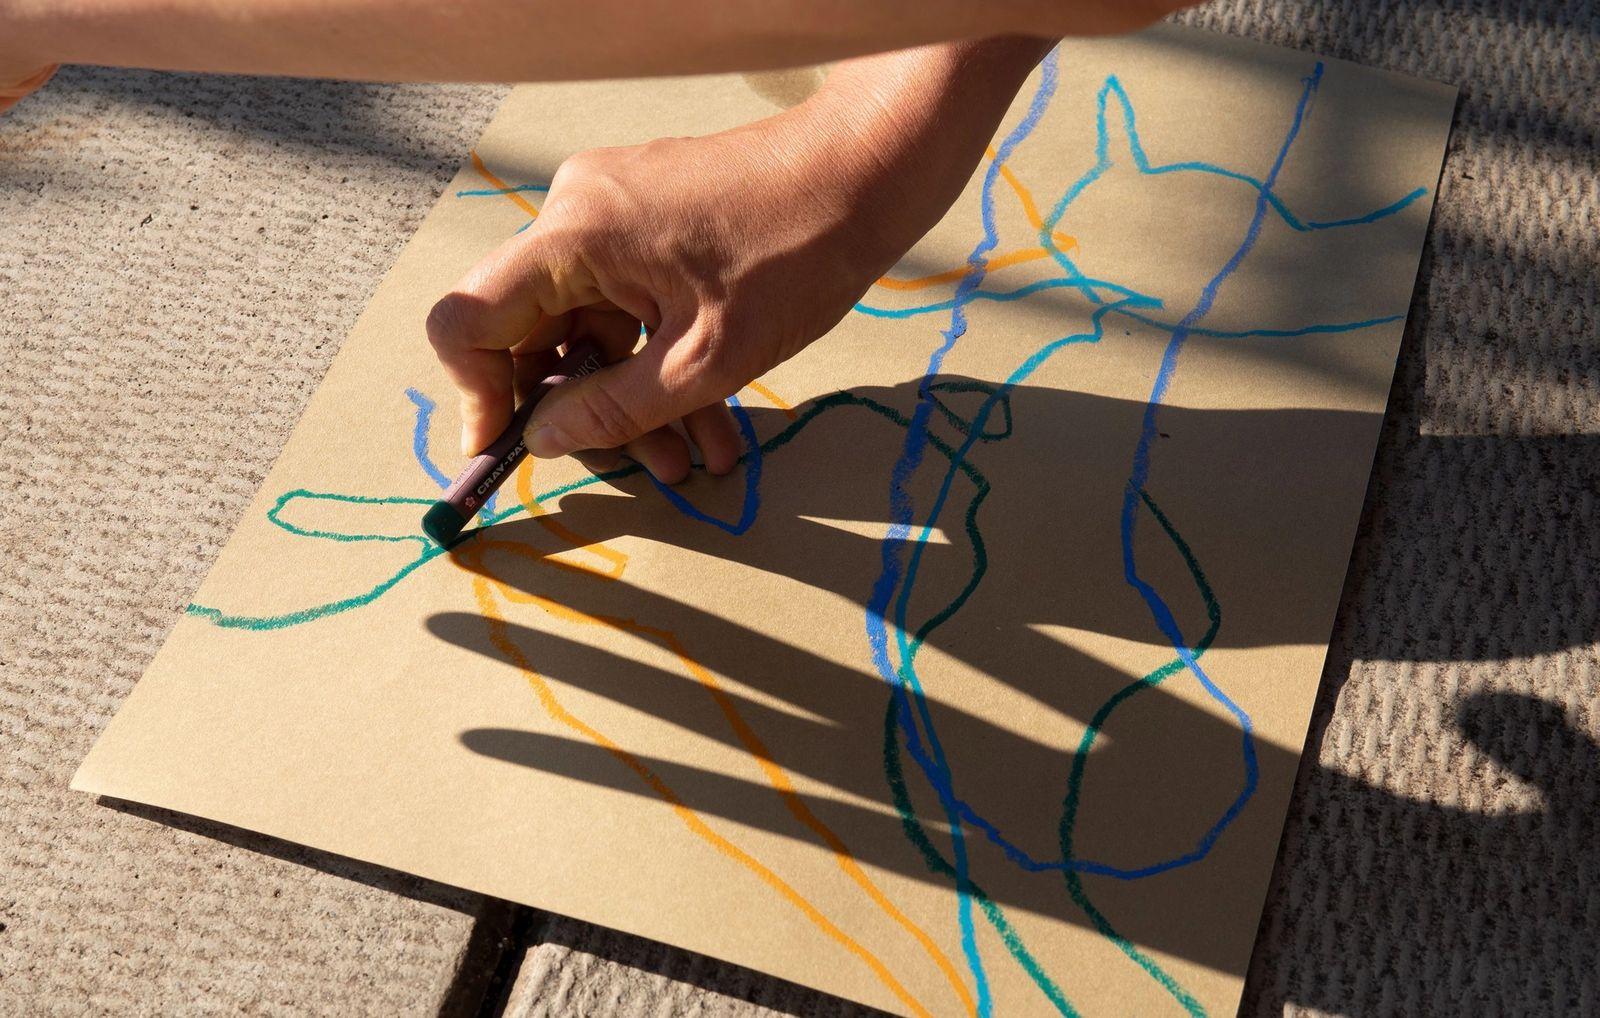 Shadow drawing by Tamar Ettun